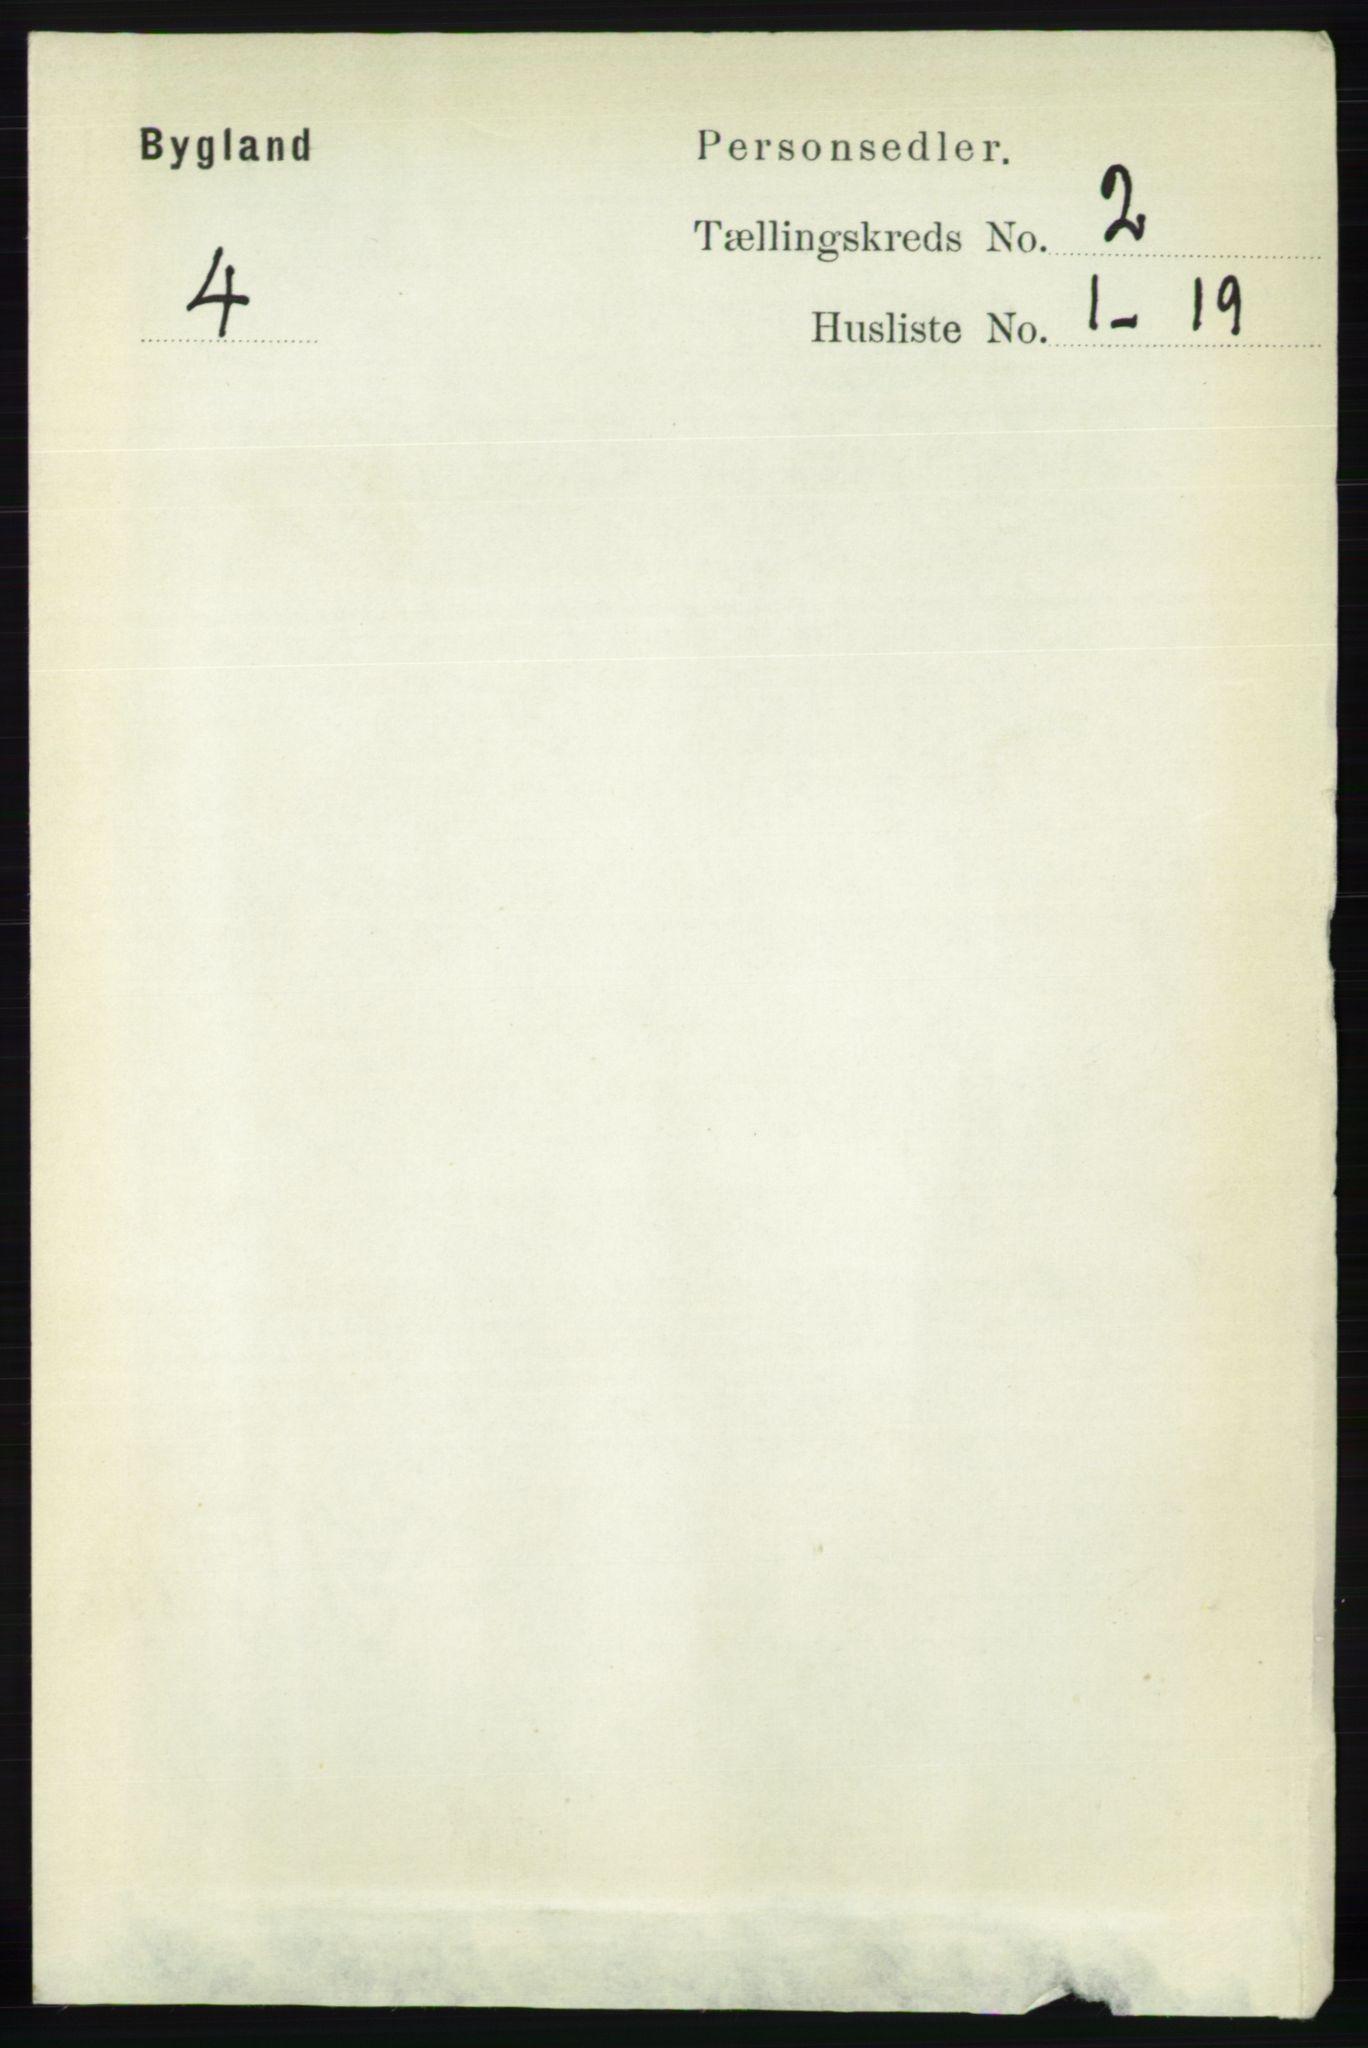 RA, Folketelling 1891 for 0938 Bygland herred, 1891, s. 254